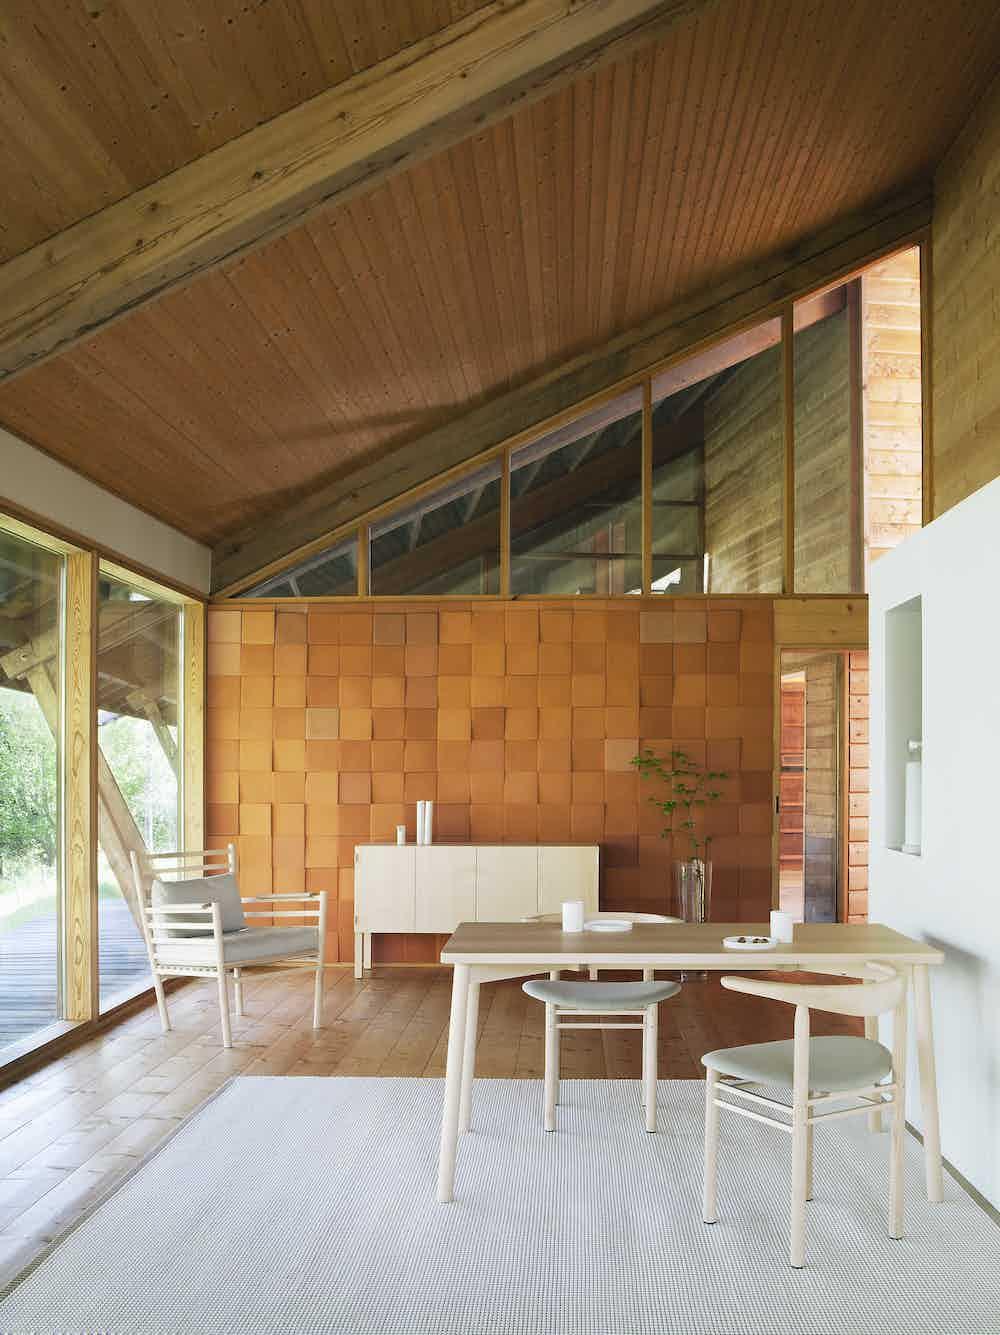 Nikari furniture arkitecture low cabinet insitu haute living